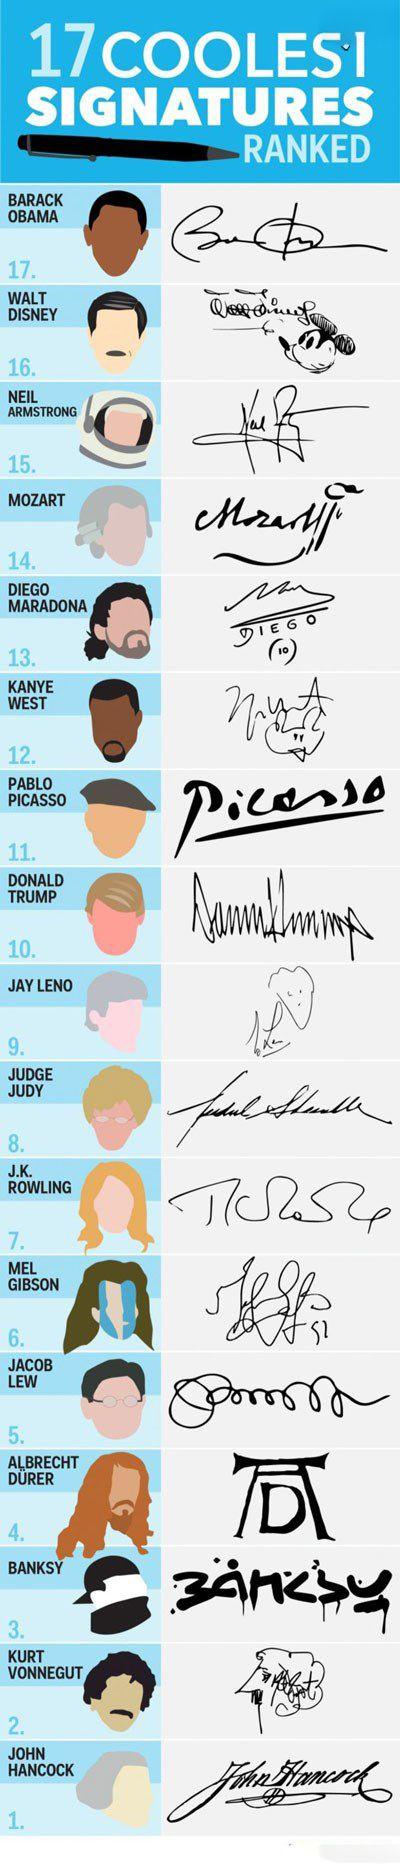 امضای چهره ها و افراد مشهور دنیا (عکس)